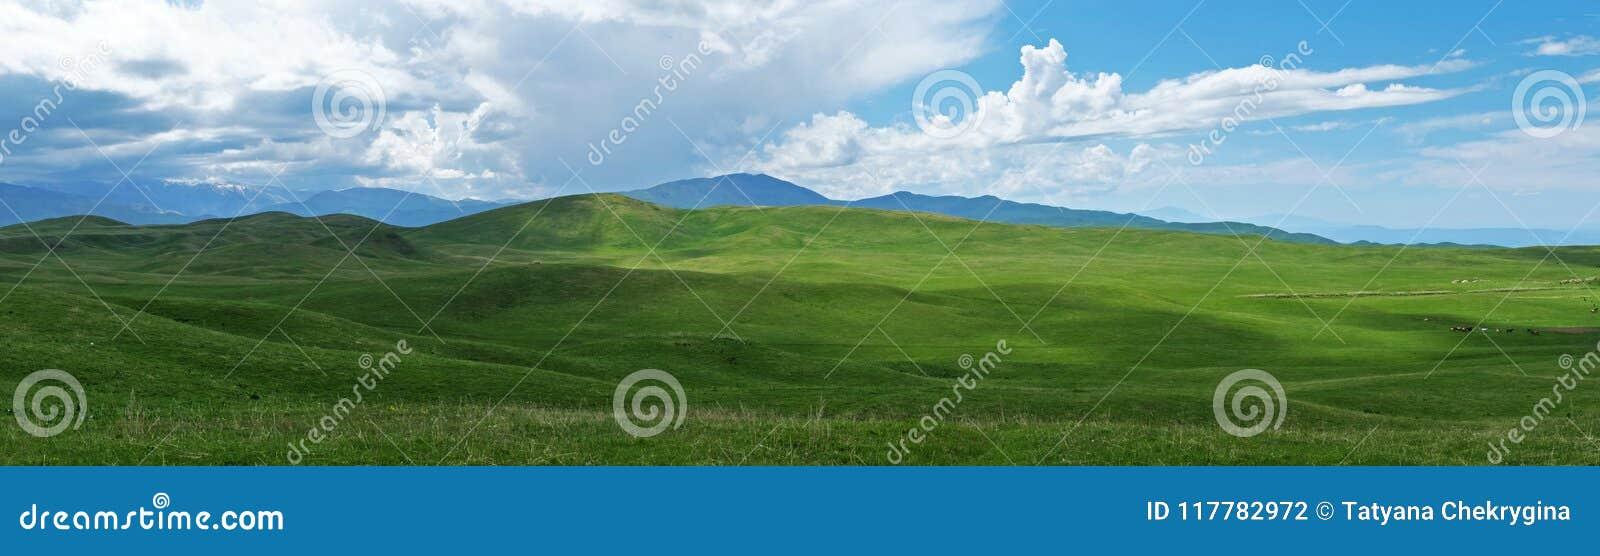 Panoramautsikt av härliga gröna kullar på solig dag